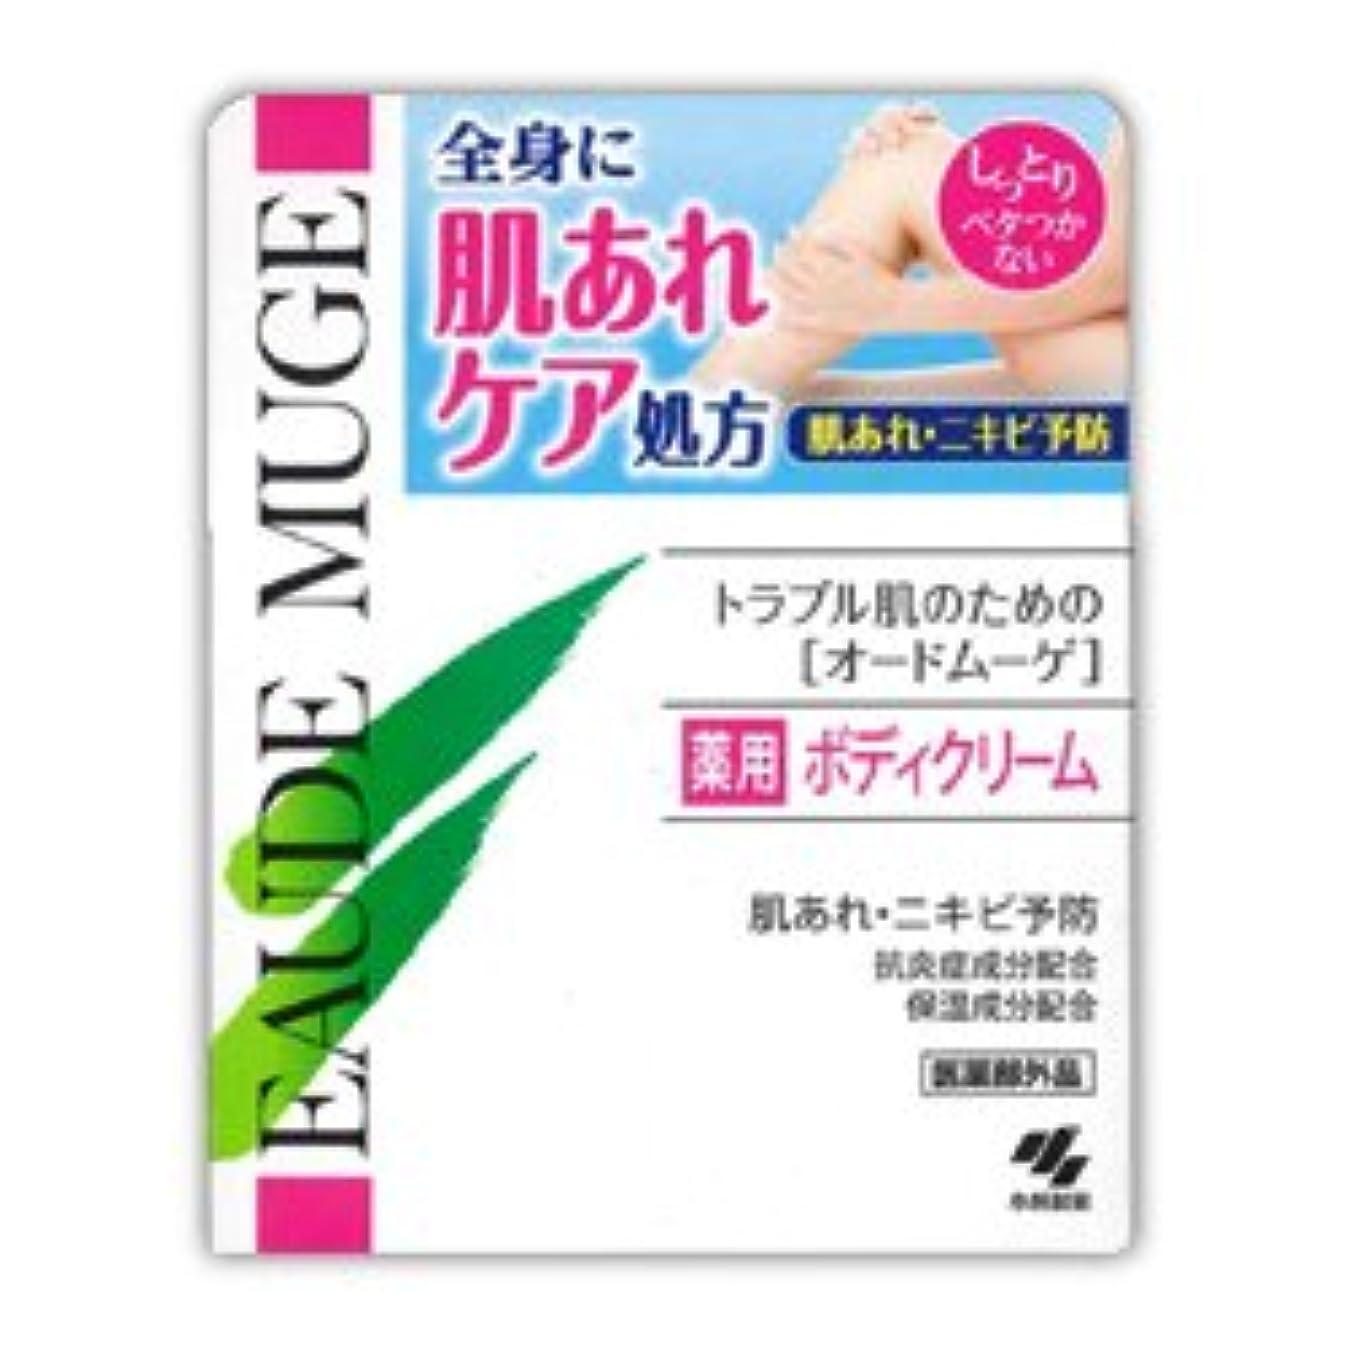 謝罪する成人期協定【小林製薬】オードムーゲ 薬用ボディクリーム 160g(医薬部外品)